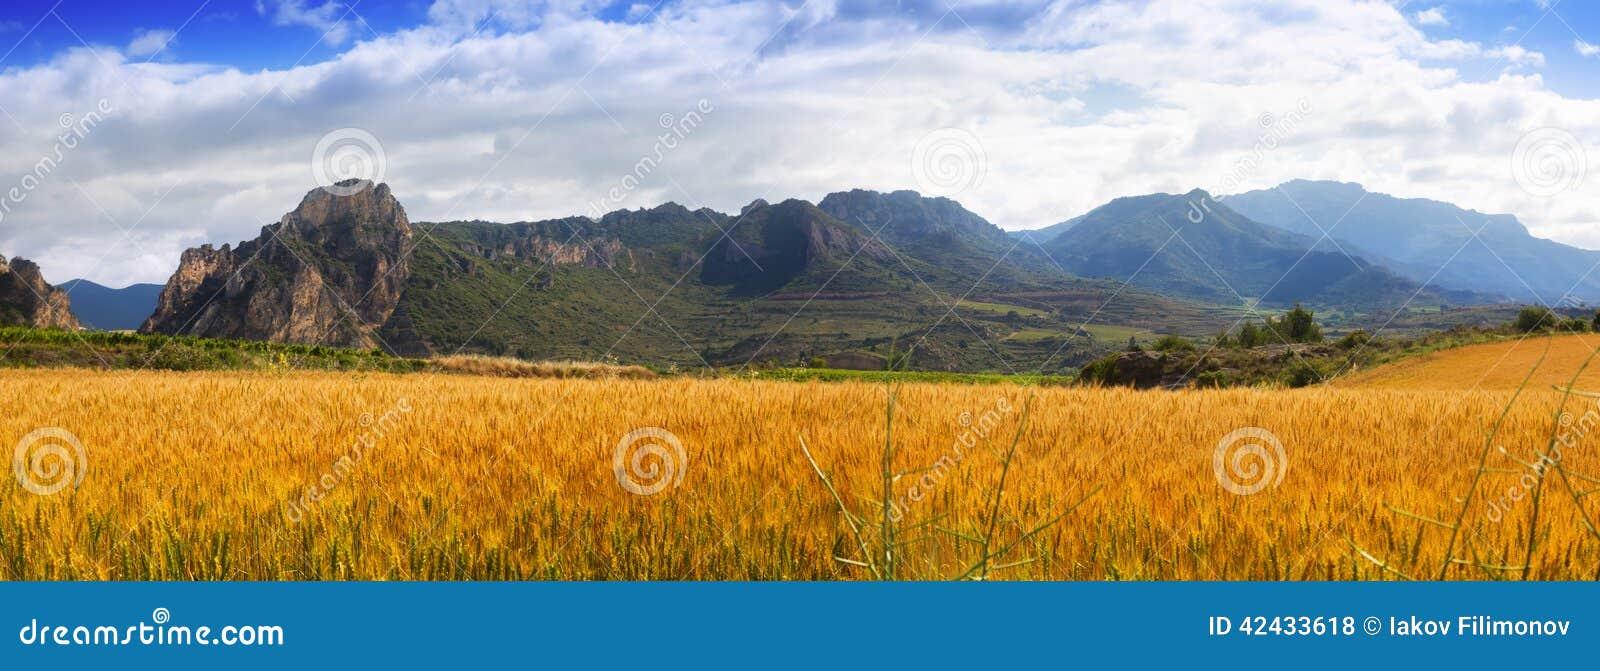 Paisaje rural con el campo de trigo